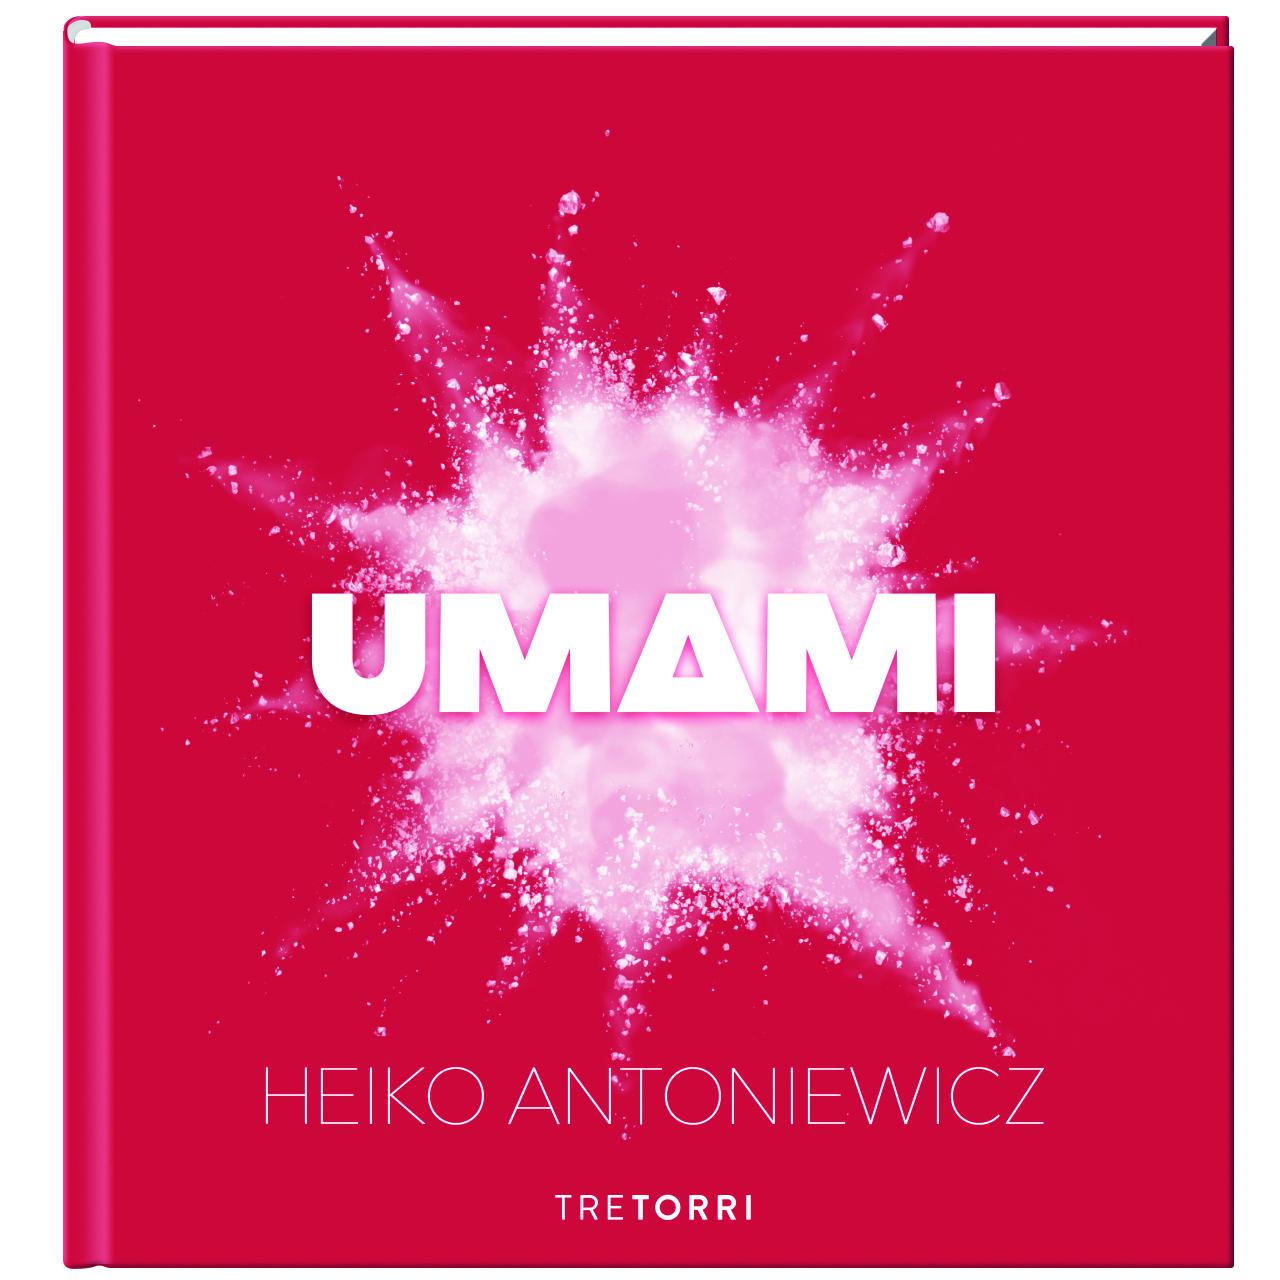 Umami Cover (Ausschnitt) |© Tre Torri Verlag Wiesbaden